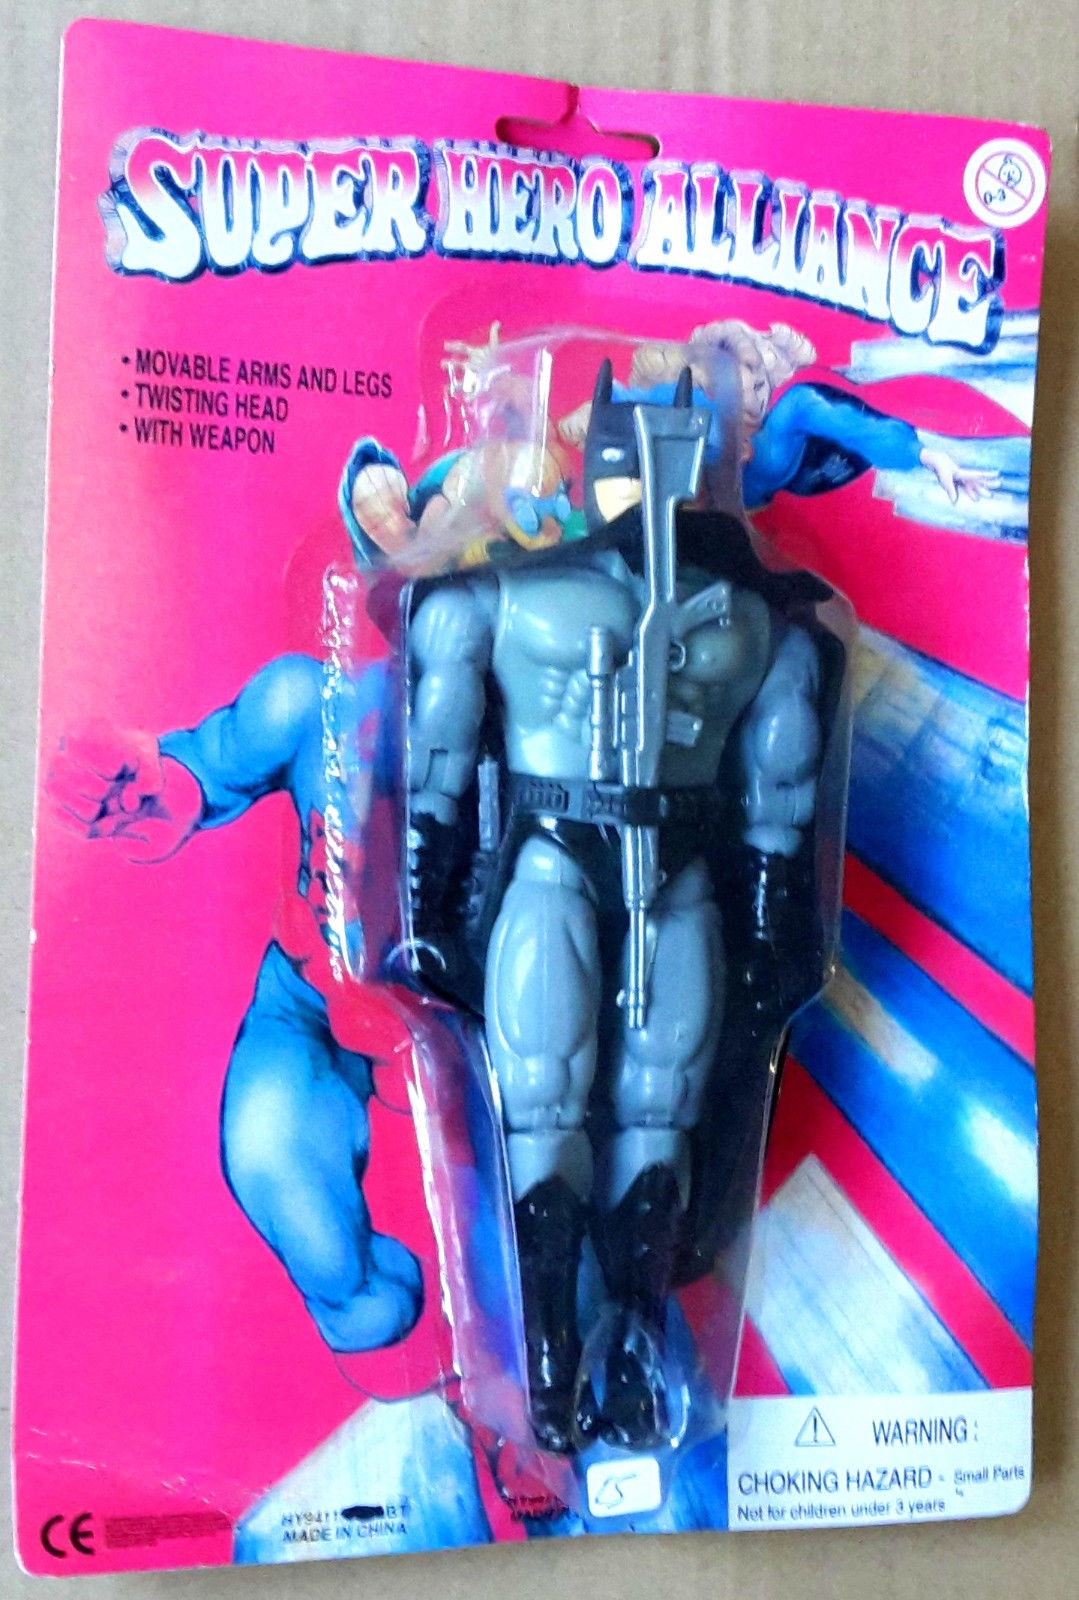 Batman (Super Hero Alliance figure)